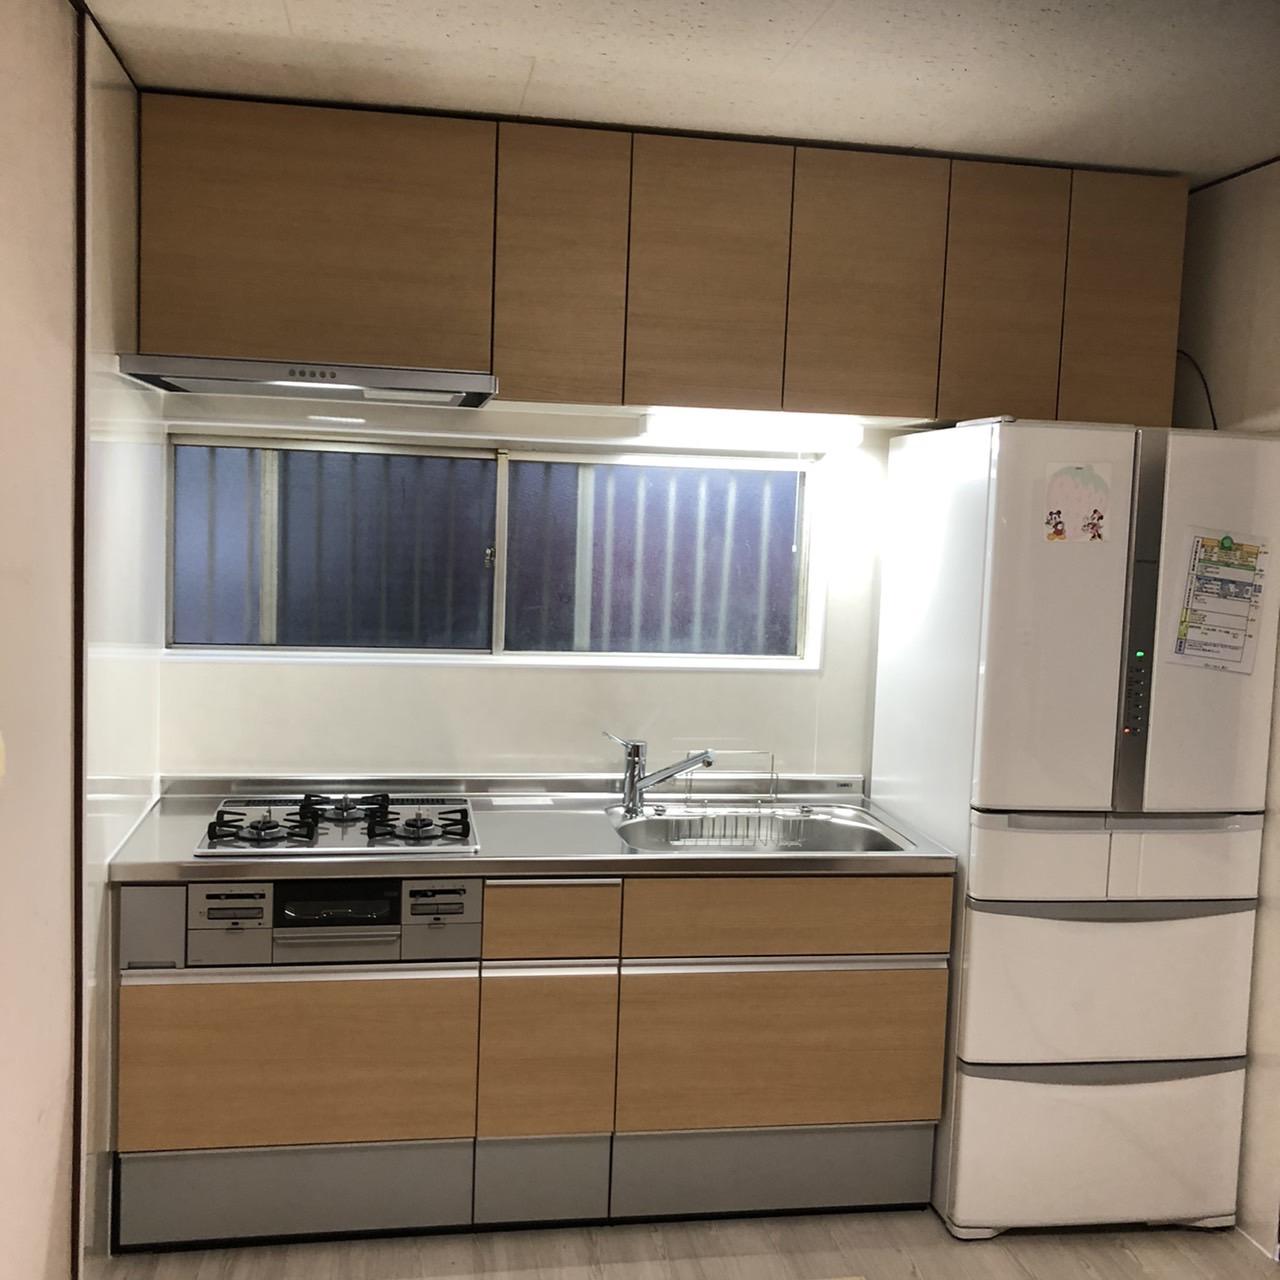 和泉市 キッチン改修工事